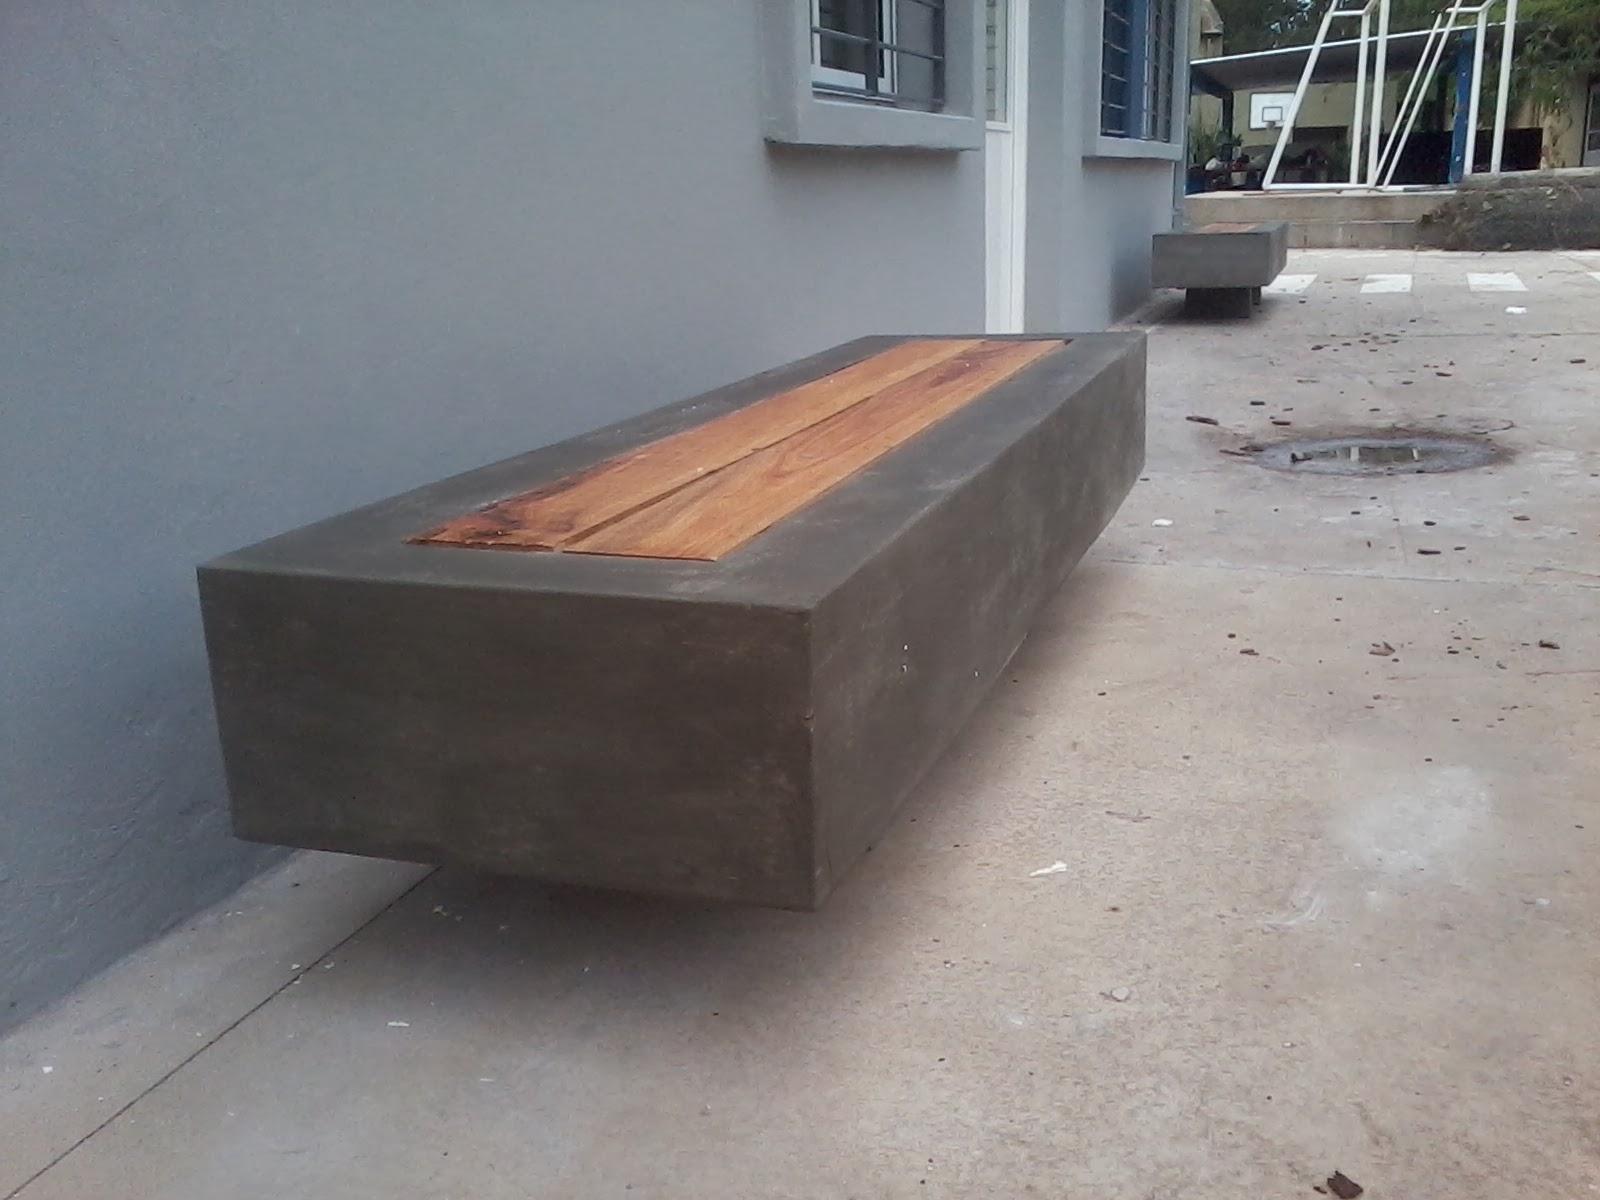 Banco de cemento con madera dura en el medio un producto - Bancos de cemento ...